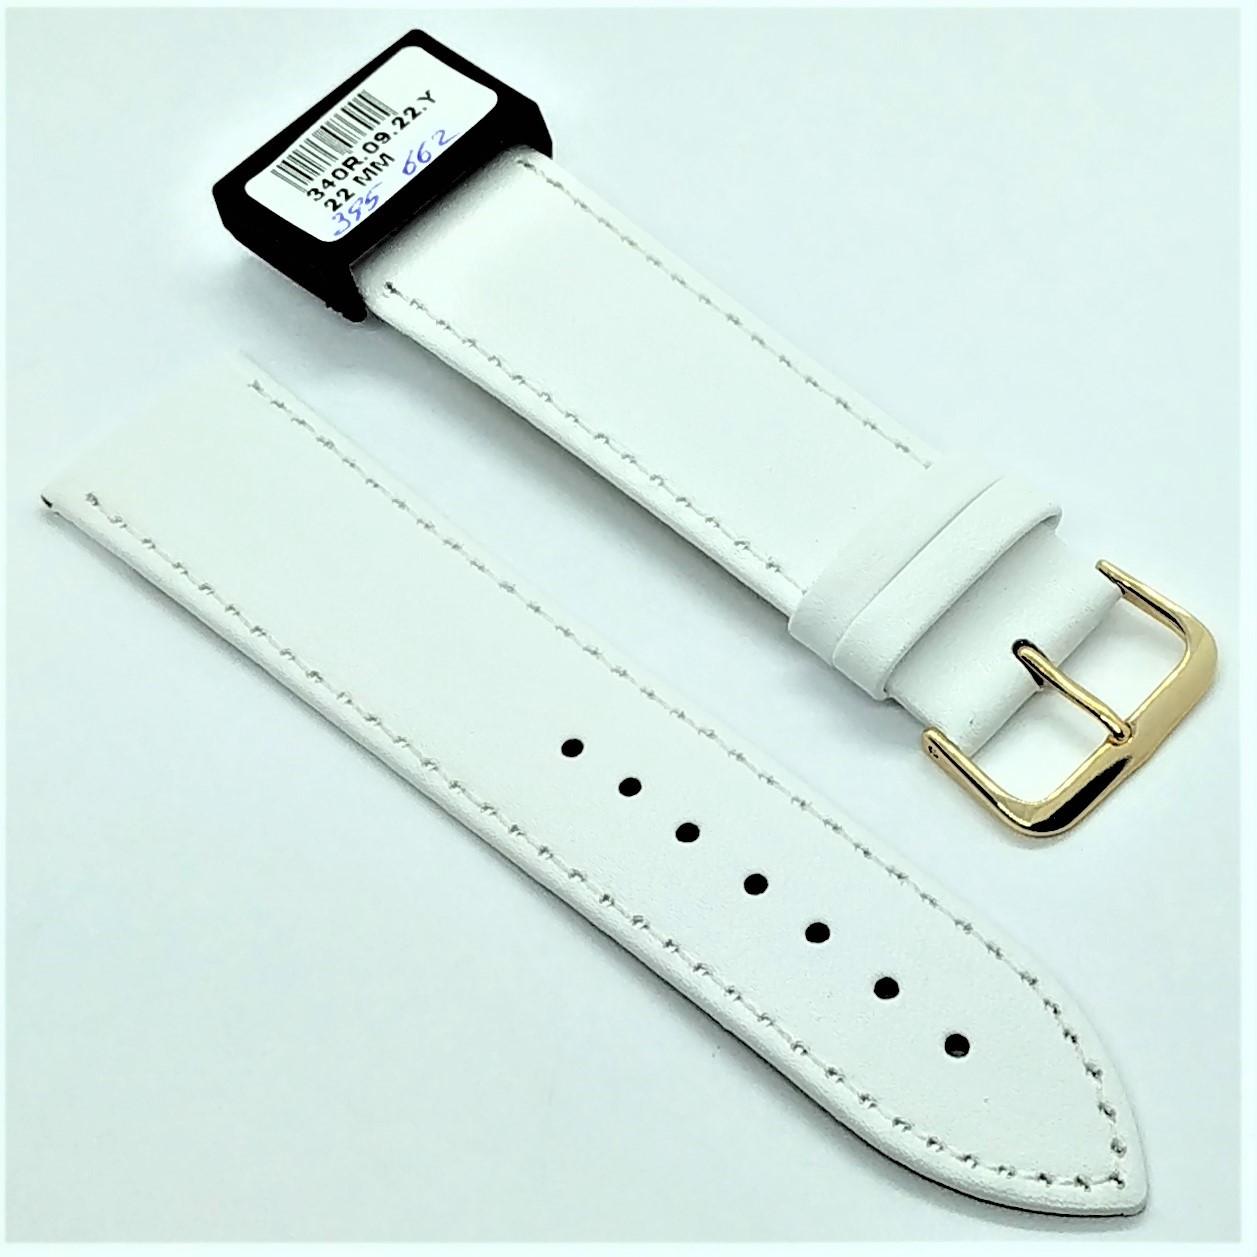 22 мм Кожаный Ремешок для часов CONDOR 340.22.09 Белый Ремешок на часы из Натуральной кожи